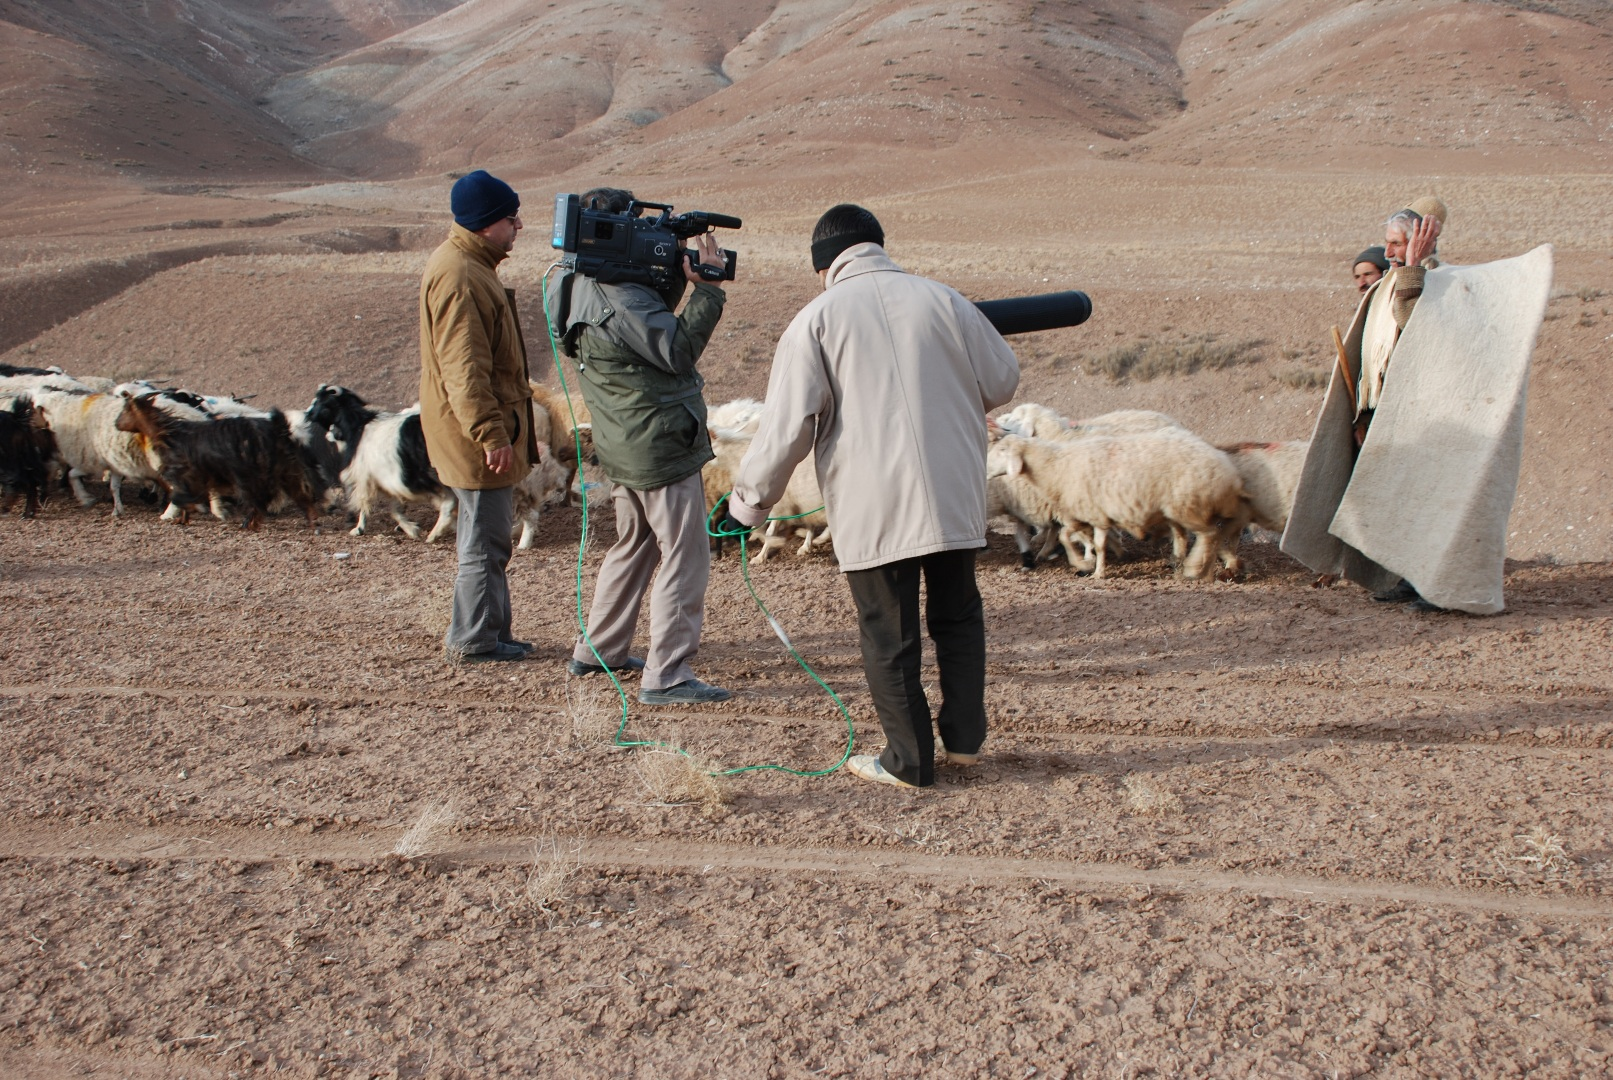 تولید سری جدید برنامه تلویزیونی نسیم آبادی